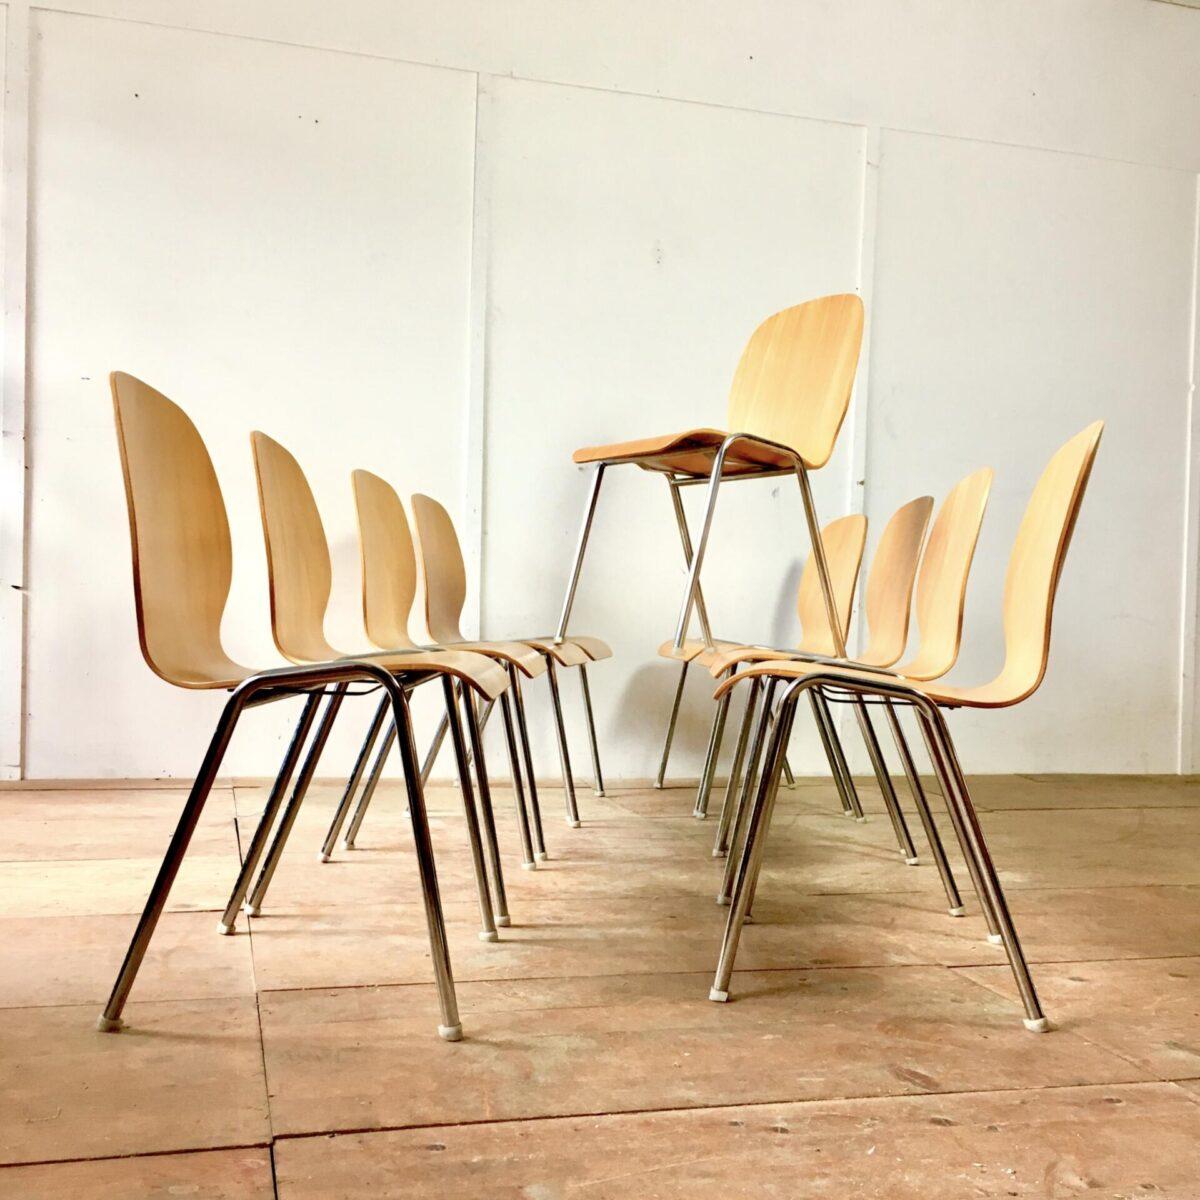 40 Stapelstühle, preis pro Stuhl. Stahlrohr gestell verchromt mit Kunststoff Füssen. Sitzschalen Buche Formsperrholz. Zustand fast neuwertig minimale Gebrauchsspuren. Schulstühle, Mensa Stühle, Saal Bestuhlung.